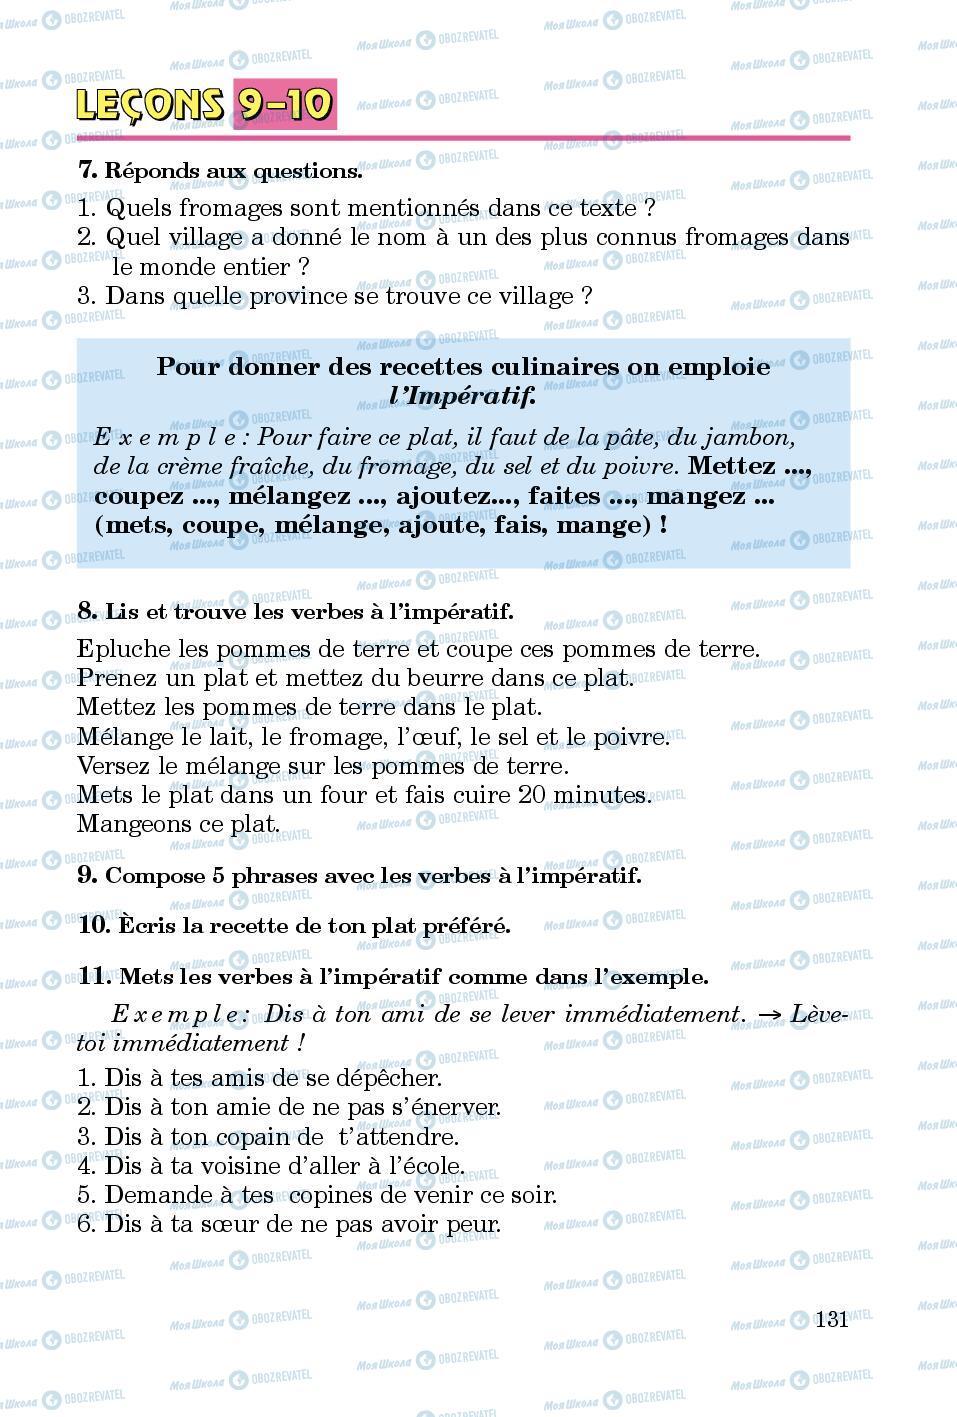 Підручники Французька мова 5 клас сторінка 131